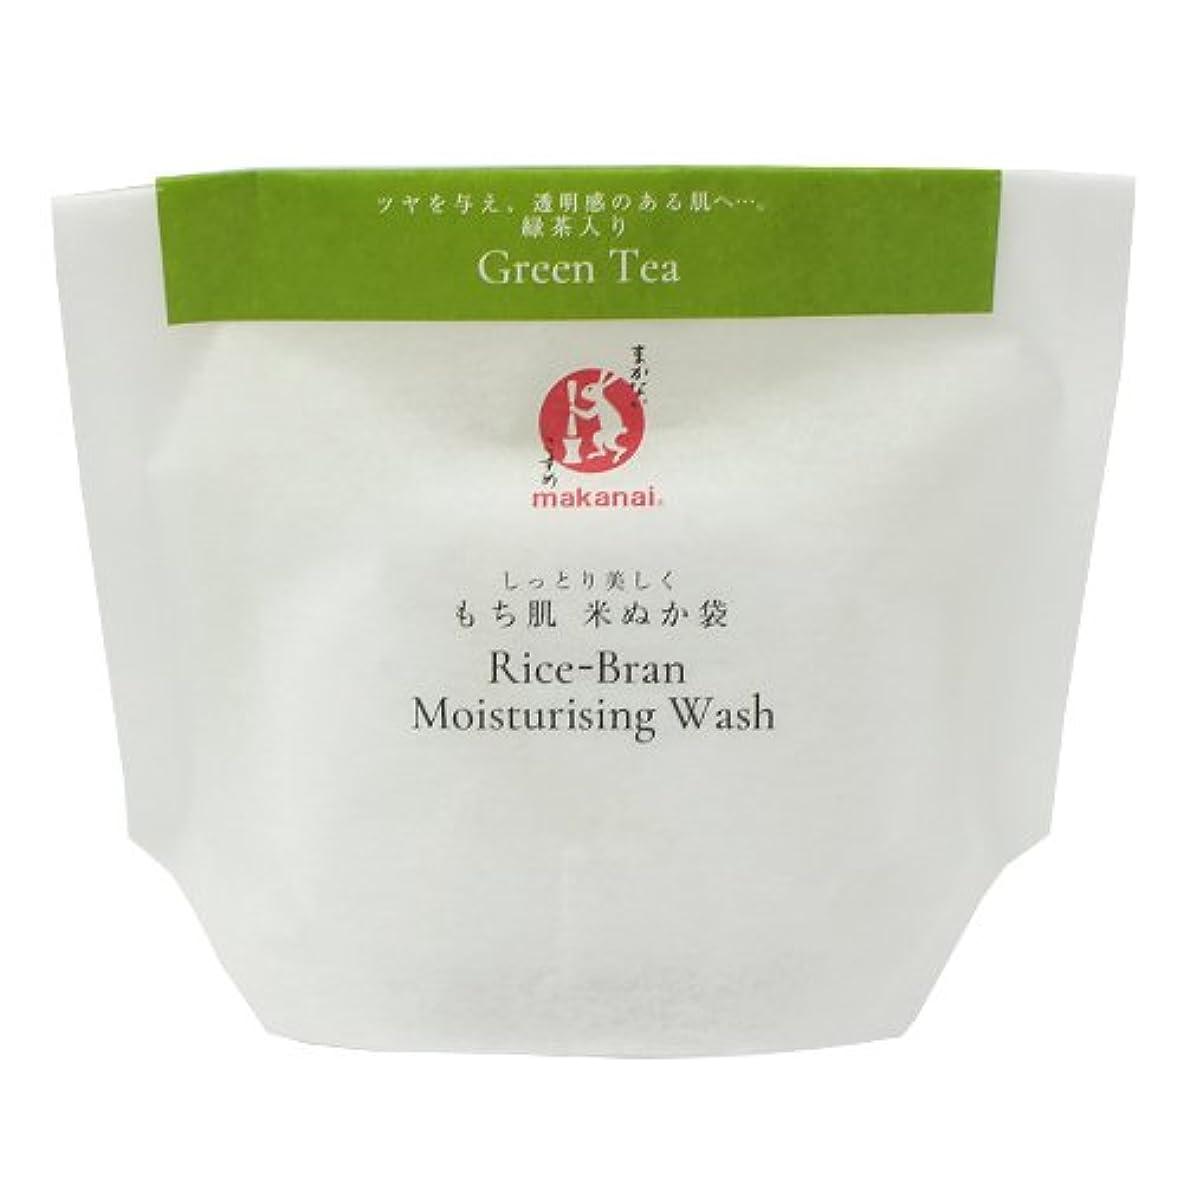 インテリア祈る専門用語まかないこすめ もち肌米ぬか袋(緑茶)27g